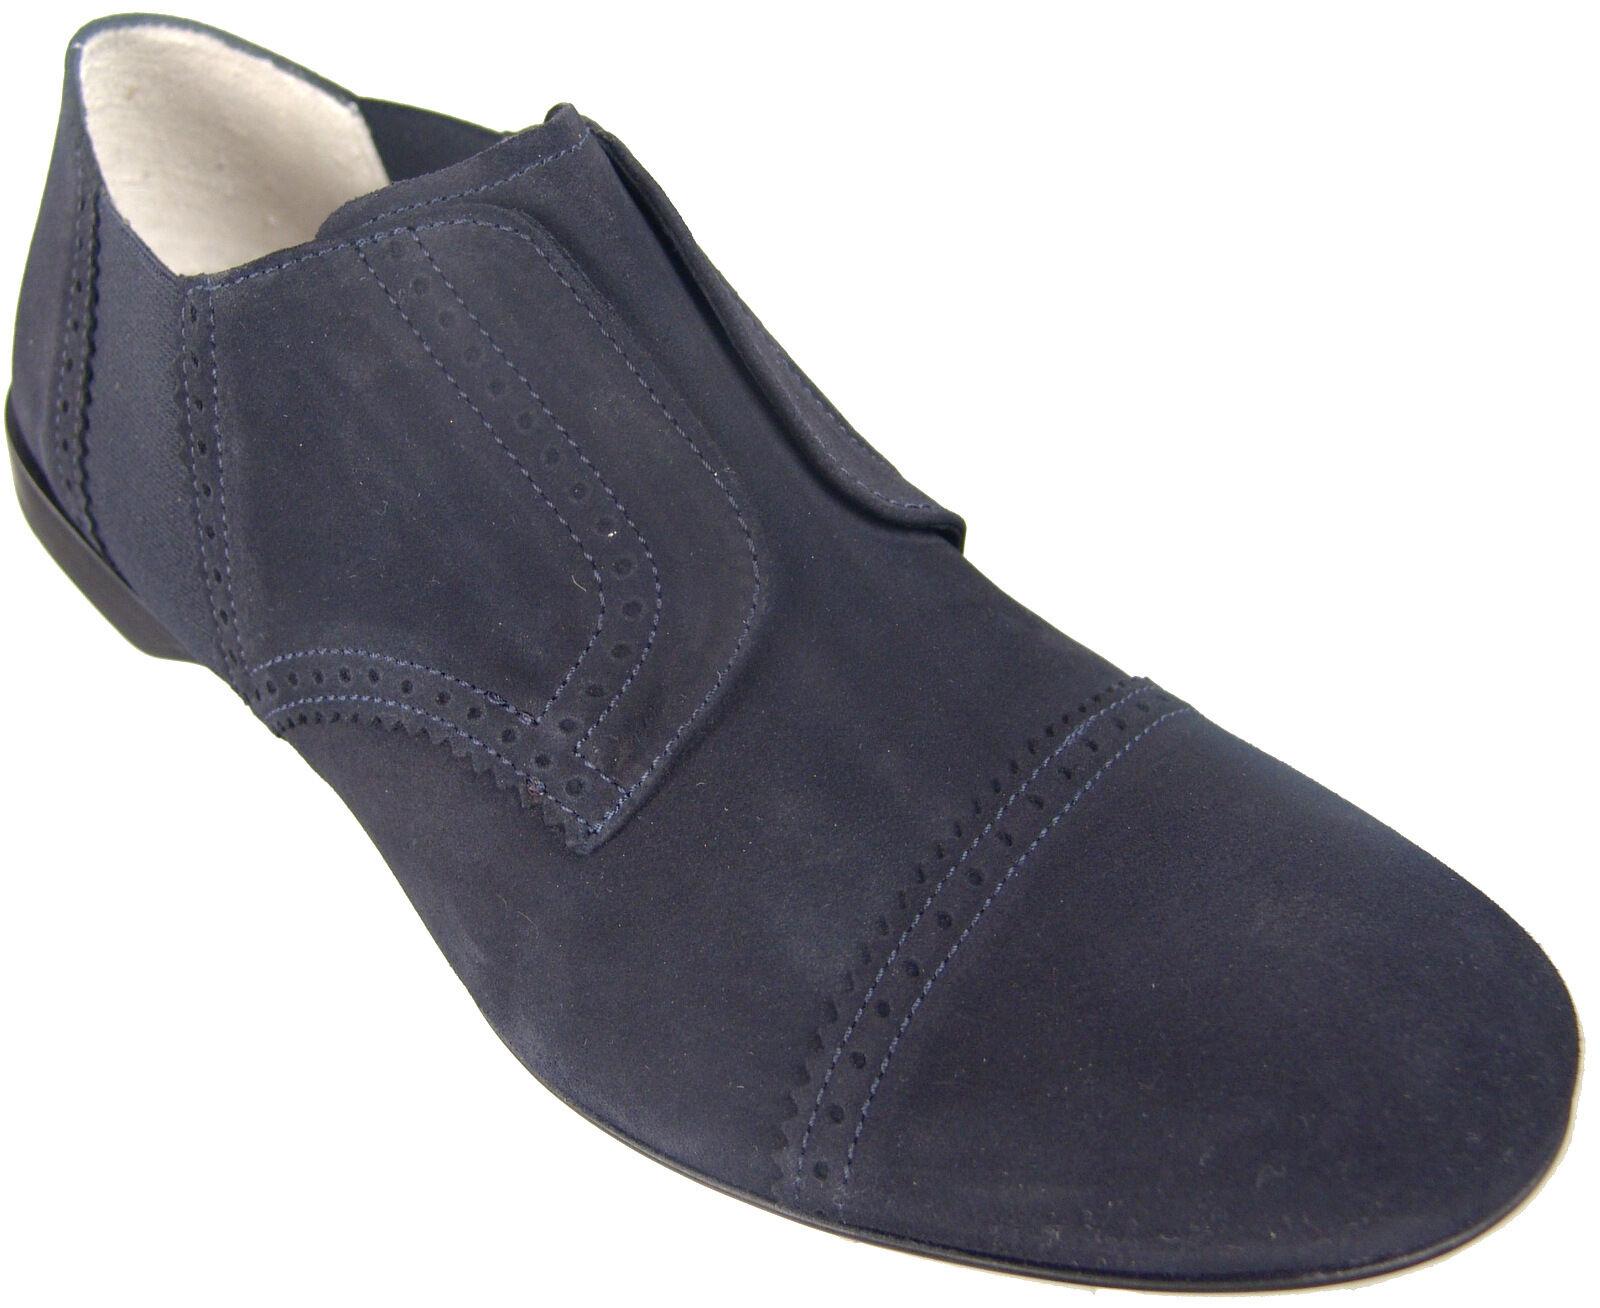 CESARE PACIOTTI US 7 COMFORTABLE SUEDE LOAFERS ITALIAN DESIGNER MENS scarpe